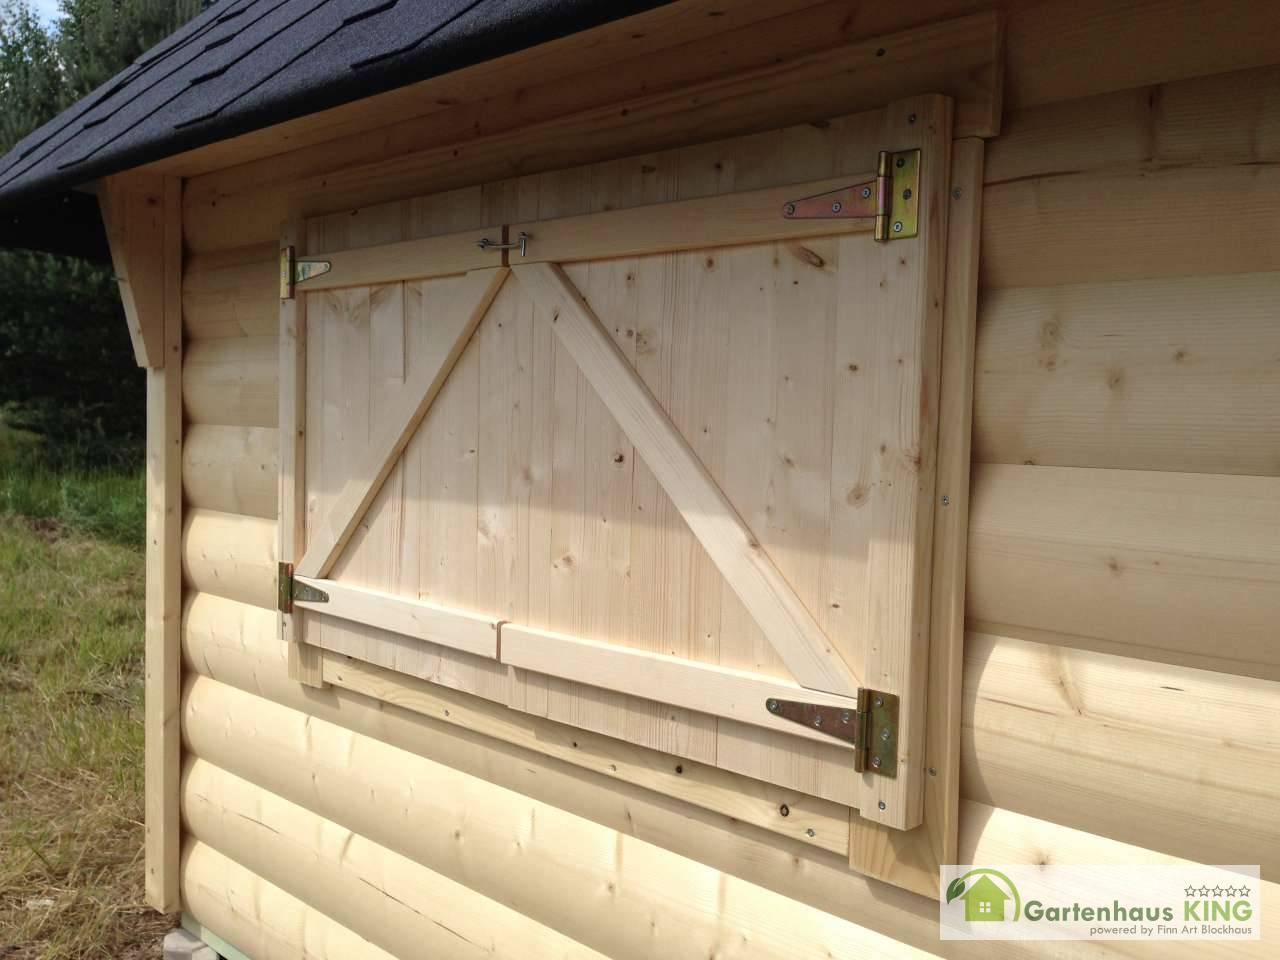 Fensterläden 2-teilig für 3 Fenster Modelle Jasper / Finnland